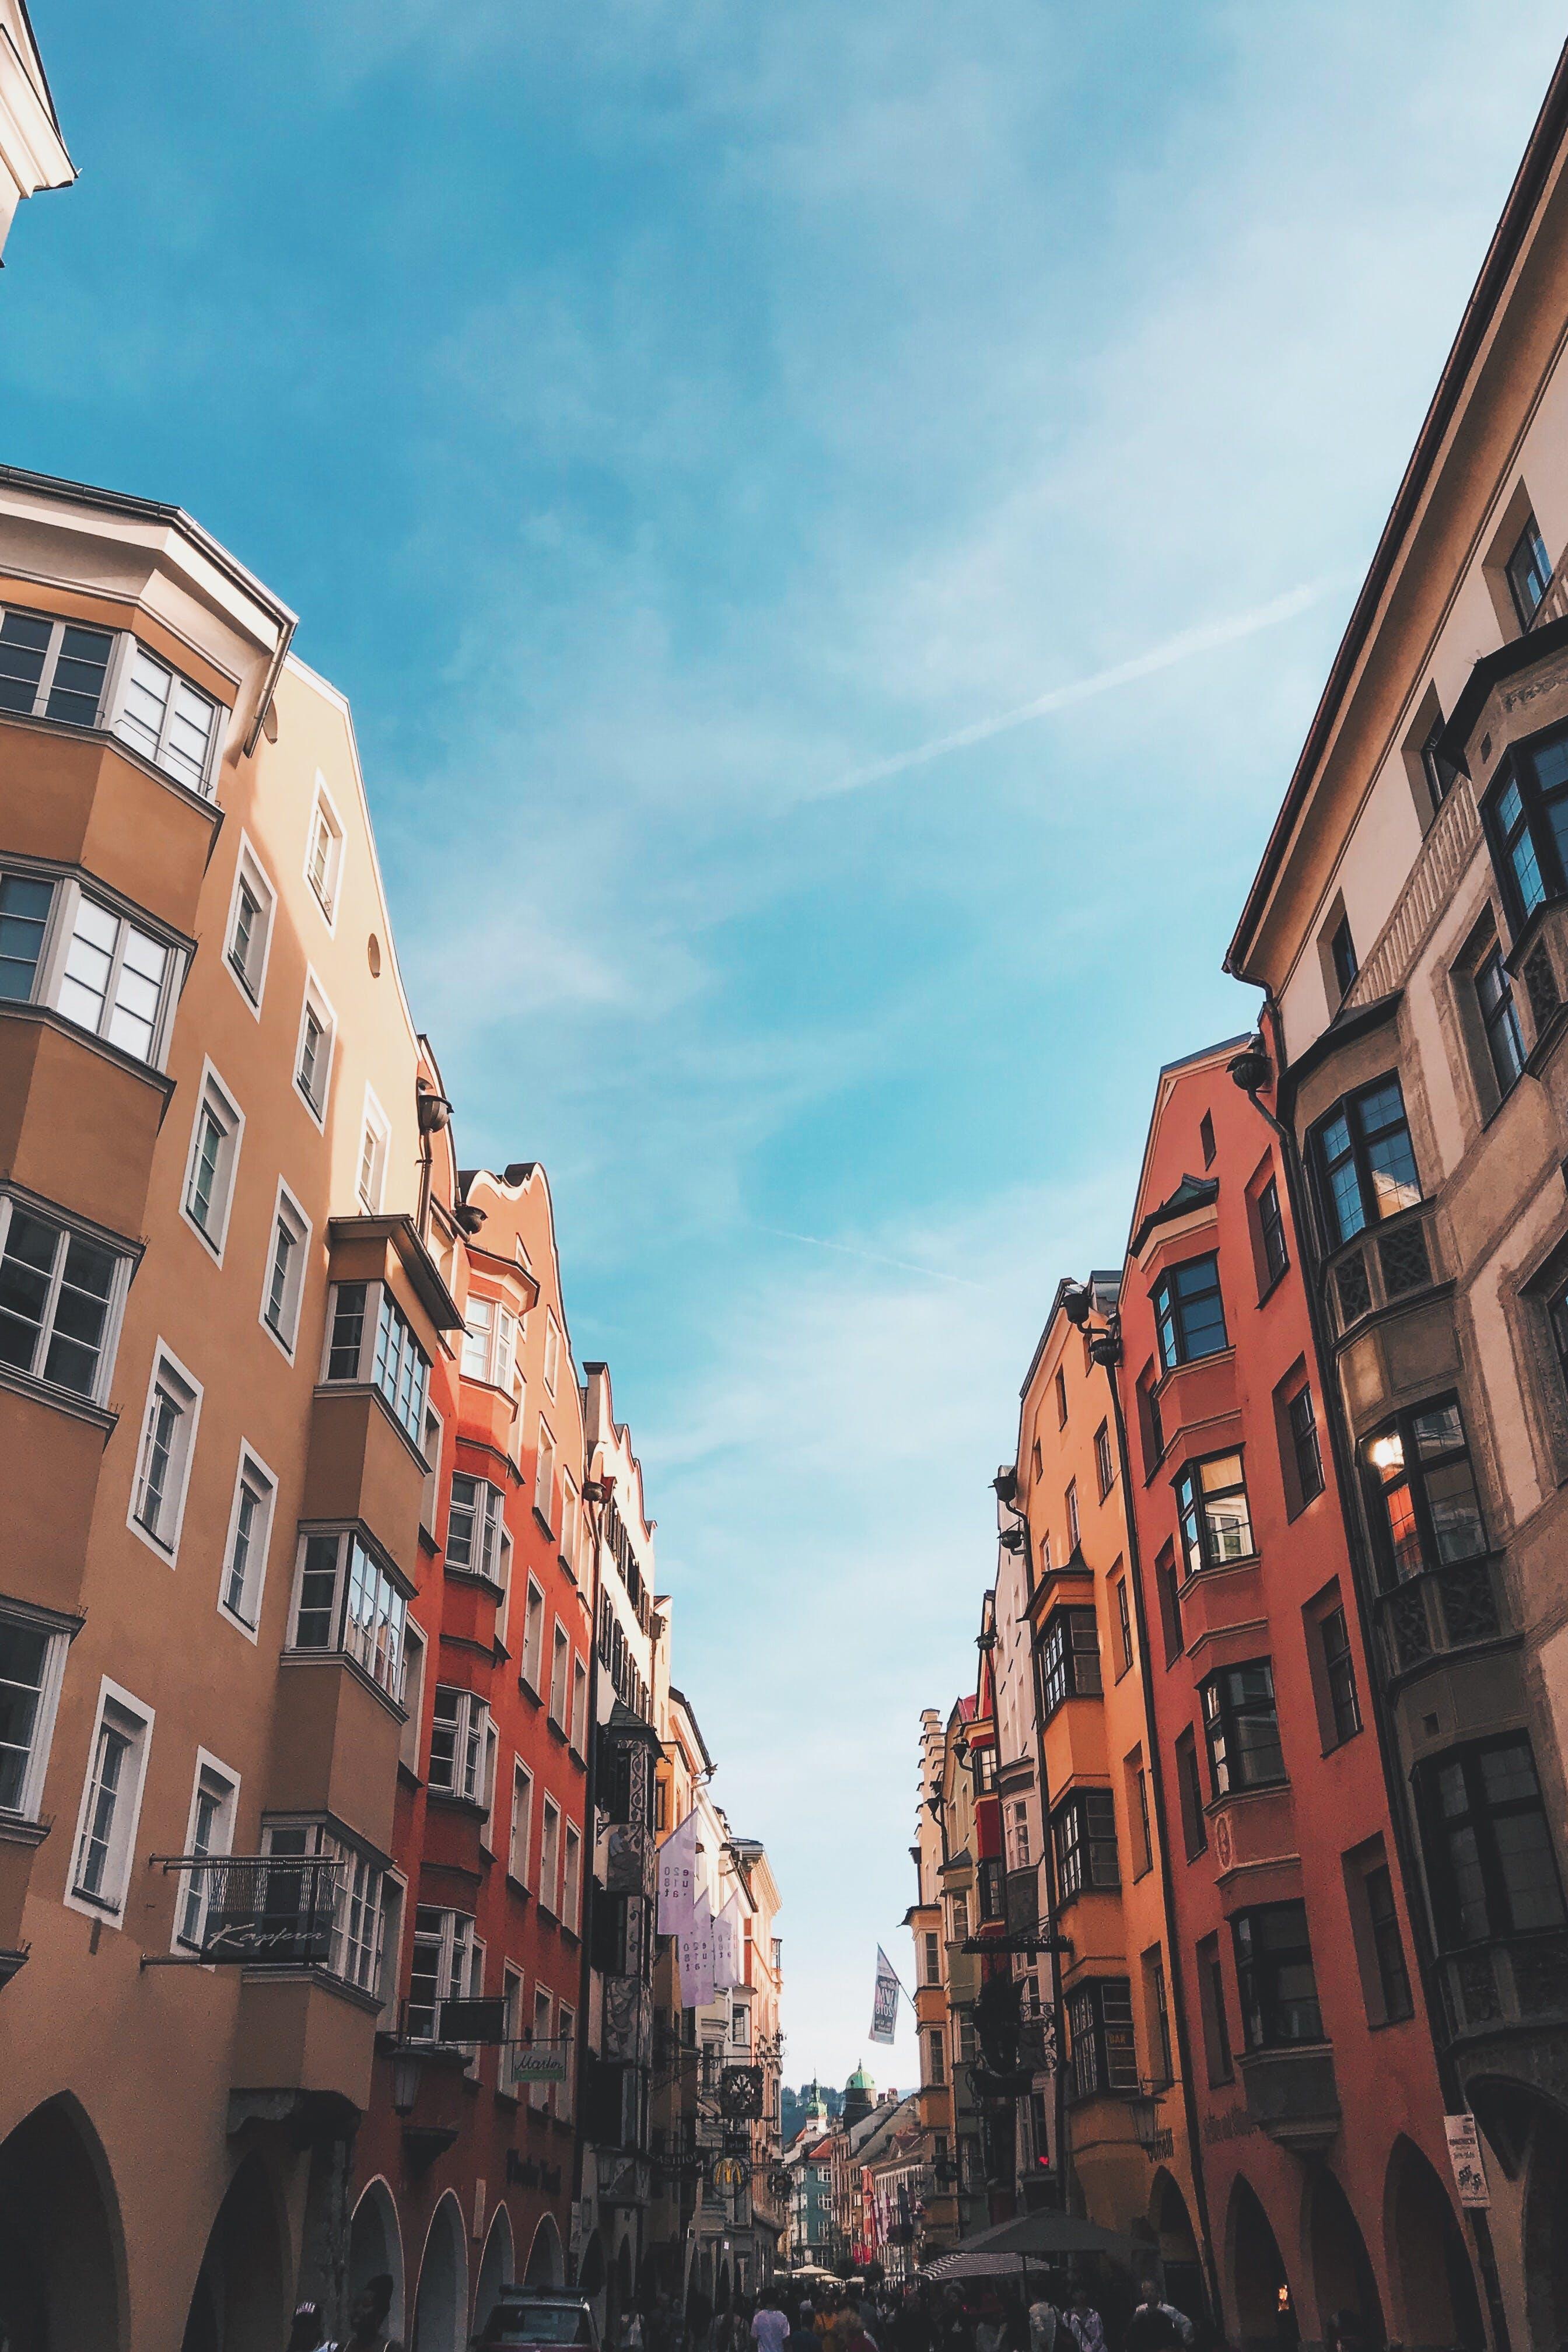 Kostenloses Stock Foto zu architektur, blauer himmel, büro, business